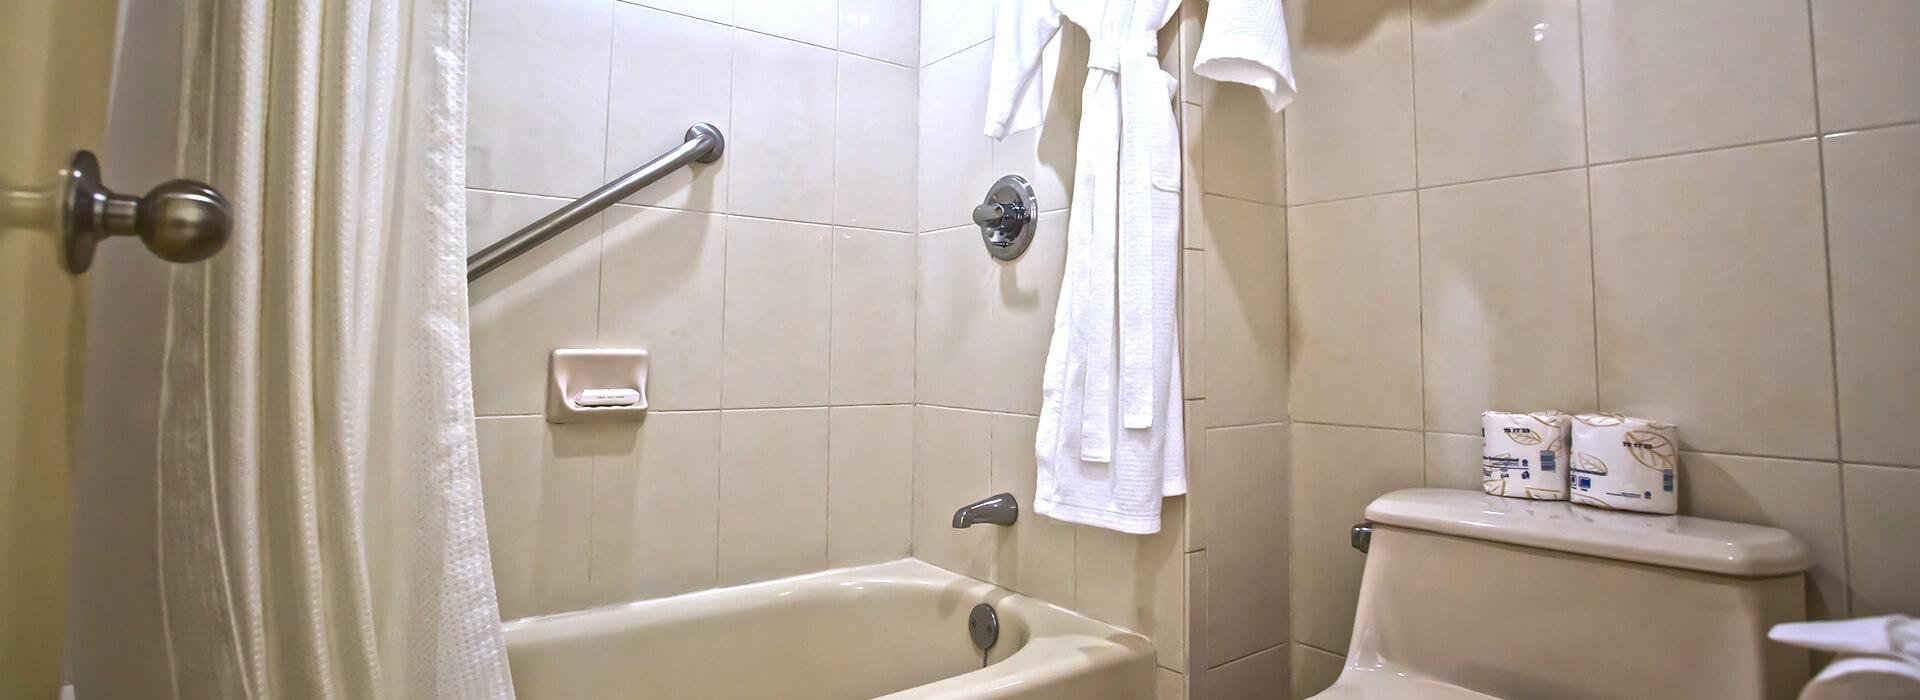 Junior Suite con vista al mar y tina en el baño completo y privado de tu habitación